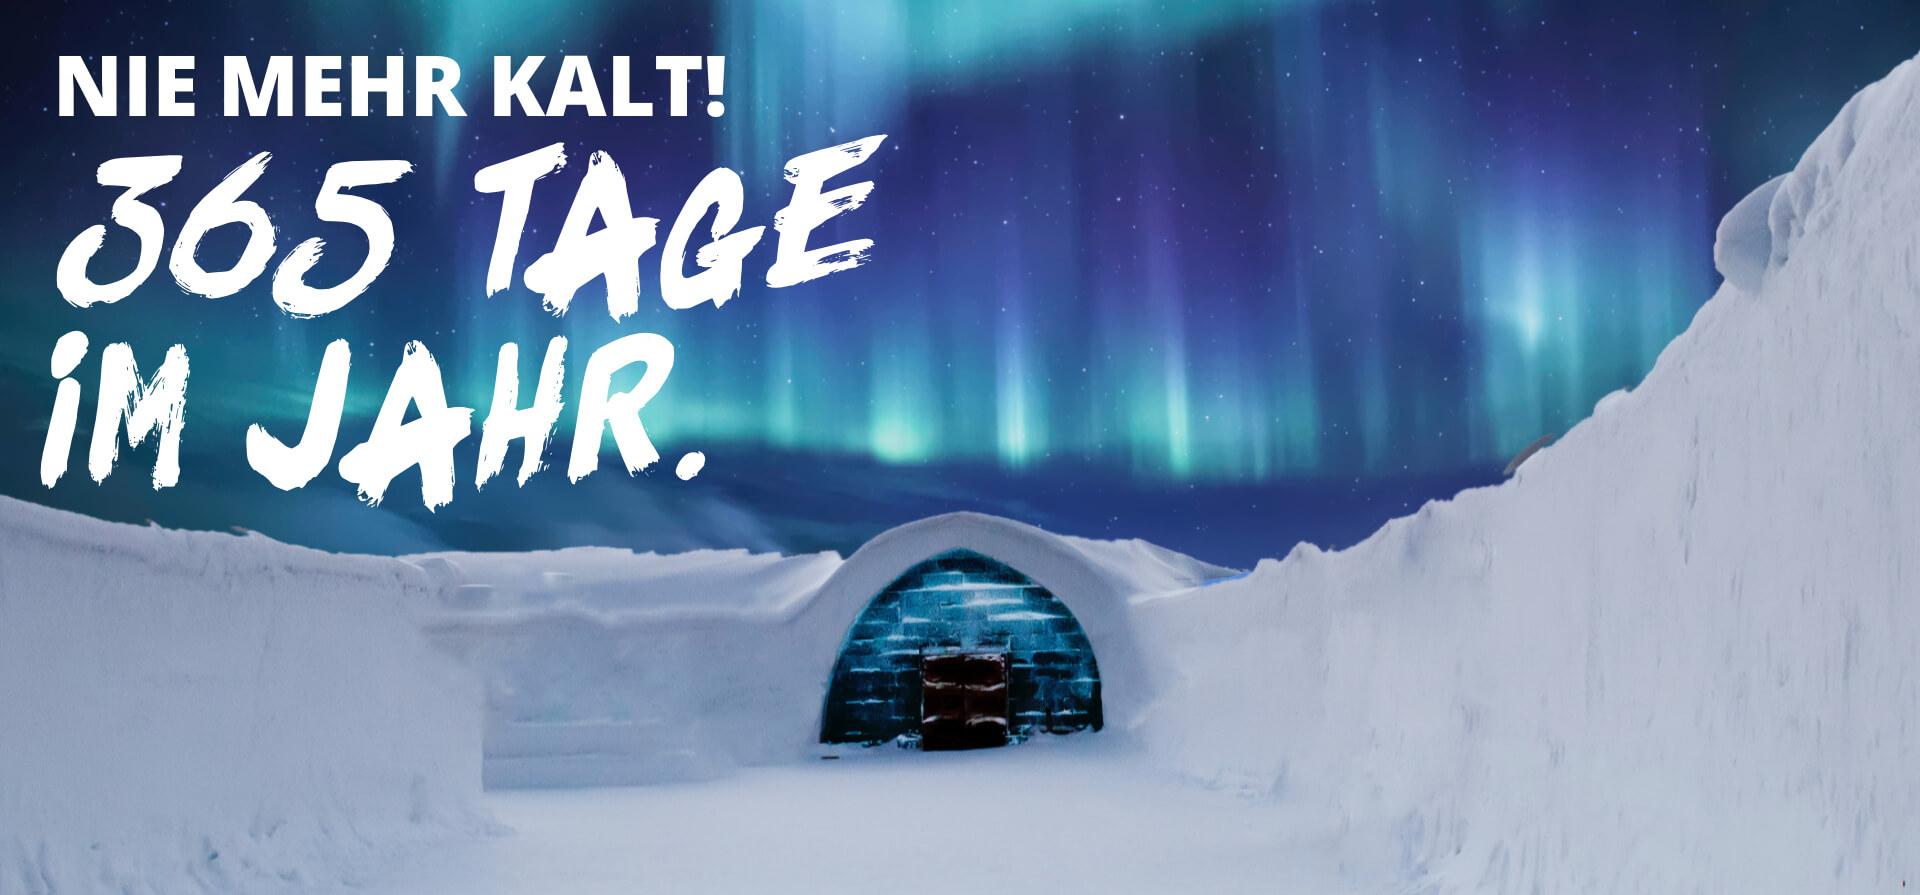 arone-der-beheizte-lounger-nie-mehr-kalt